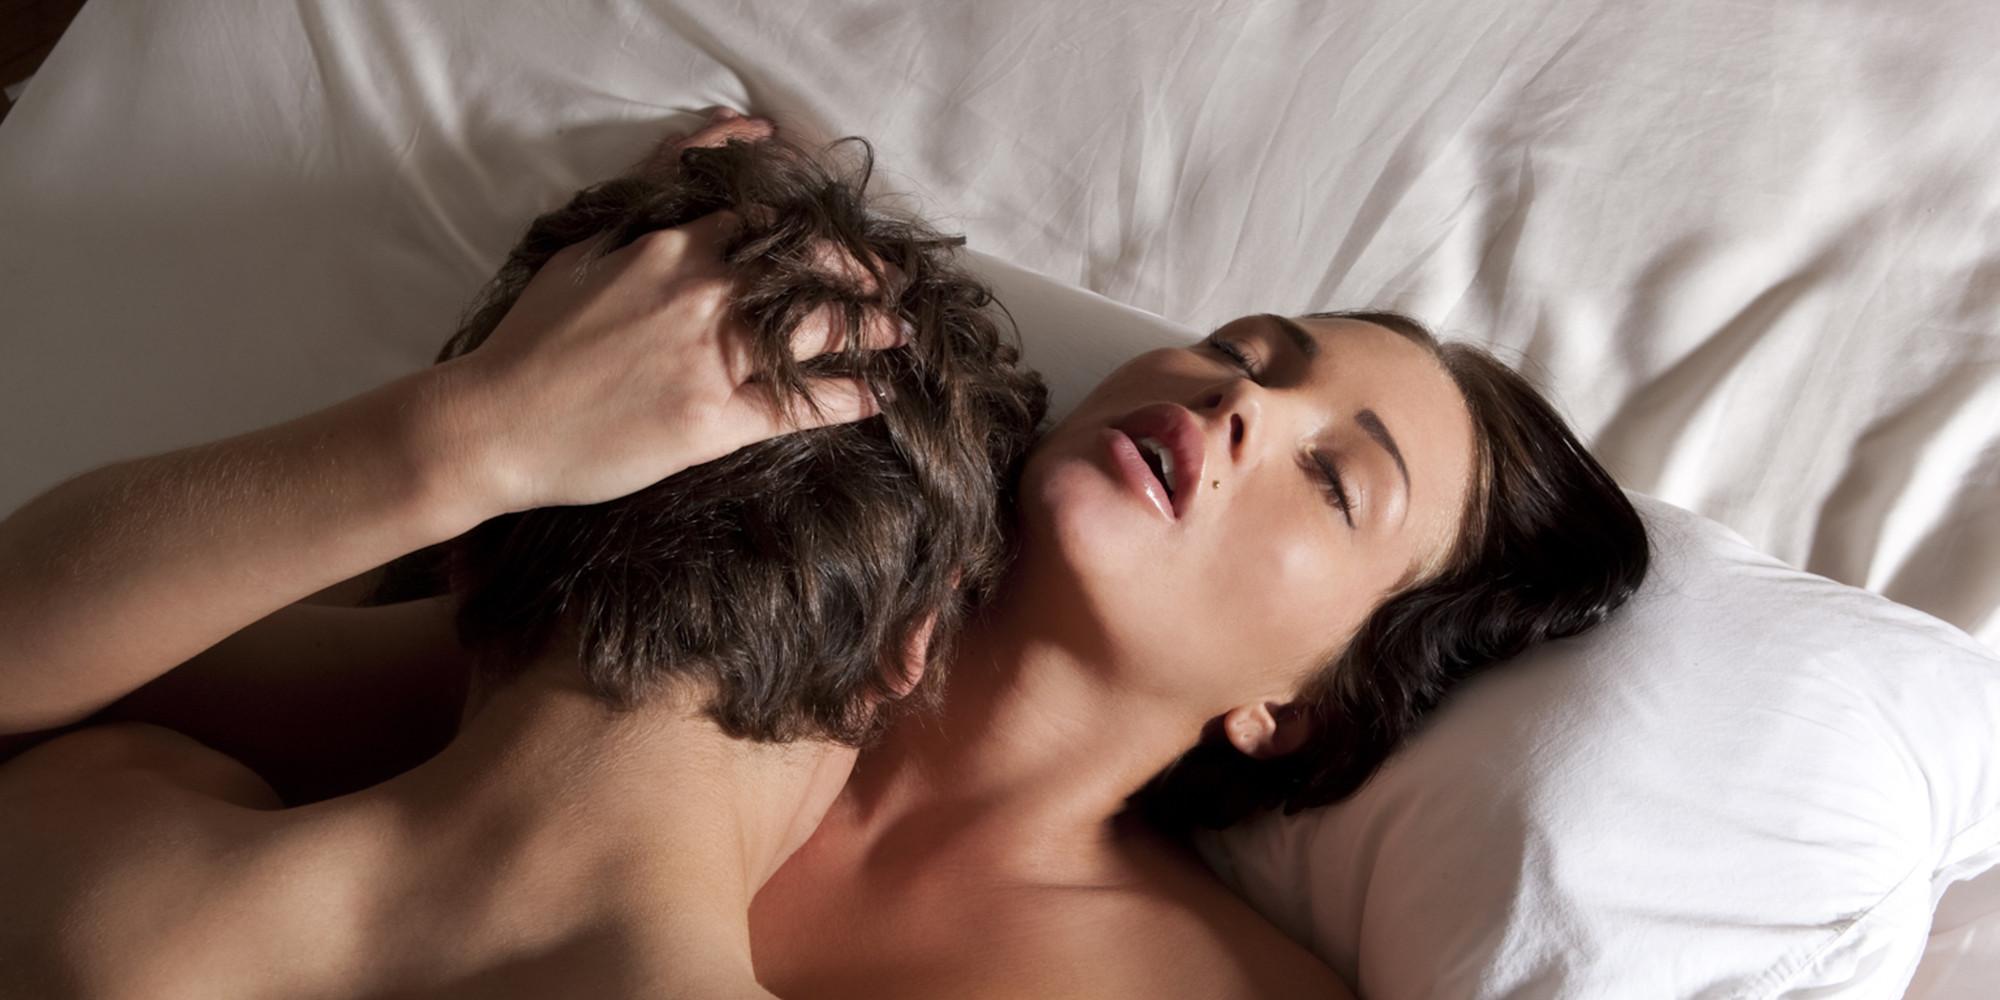 грубый приятный секс с оргазмом